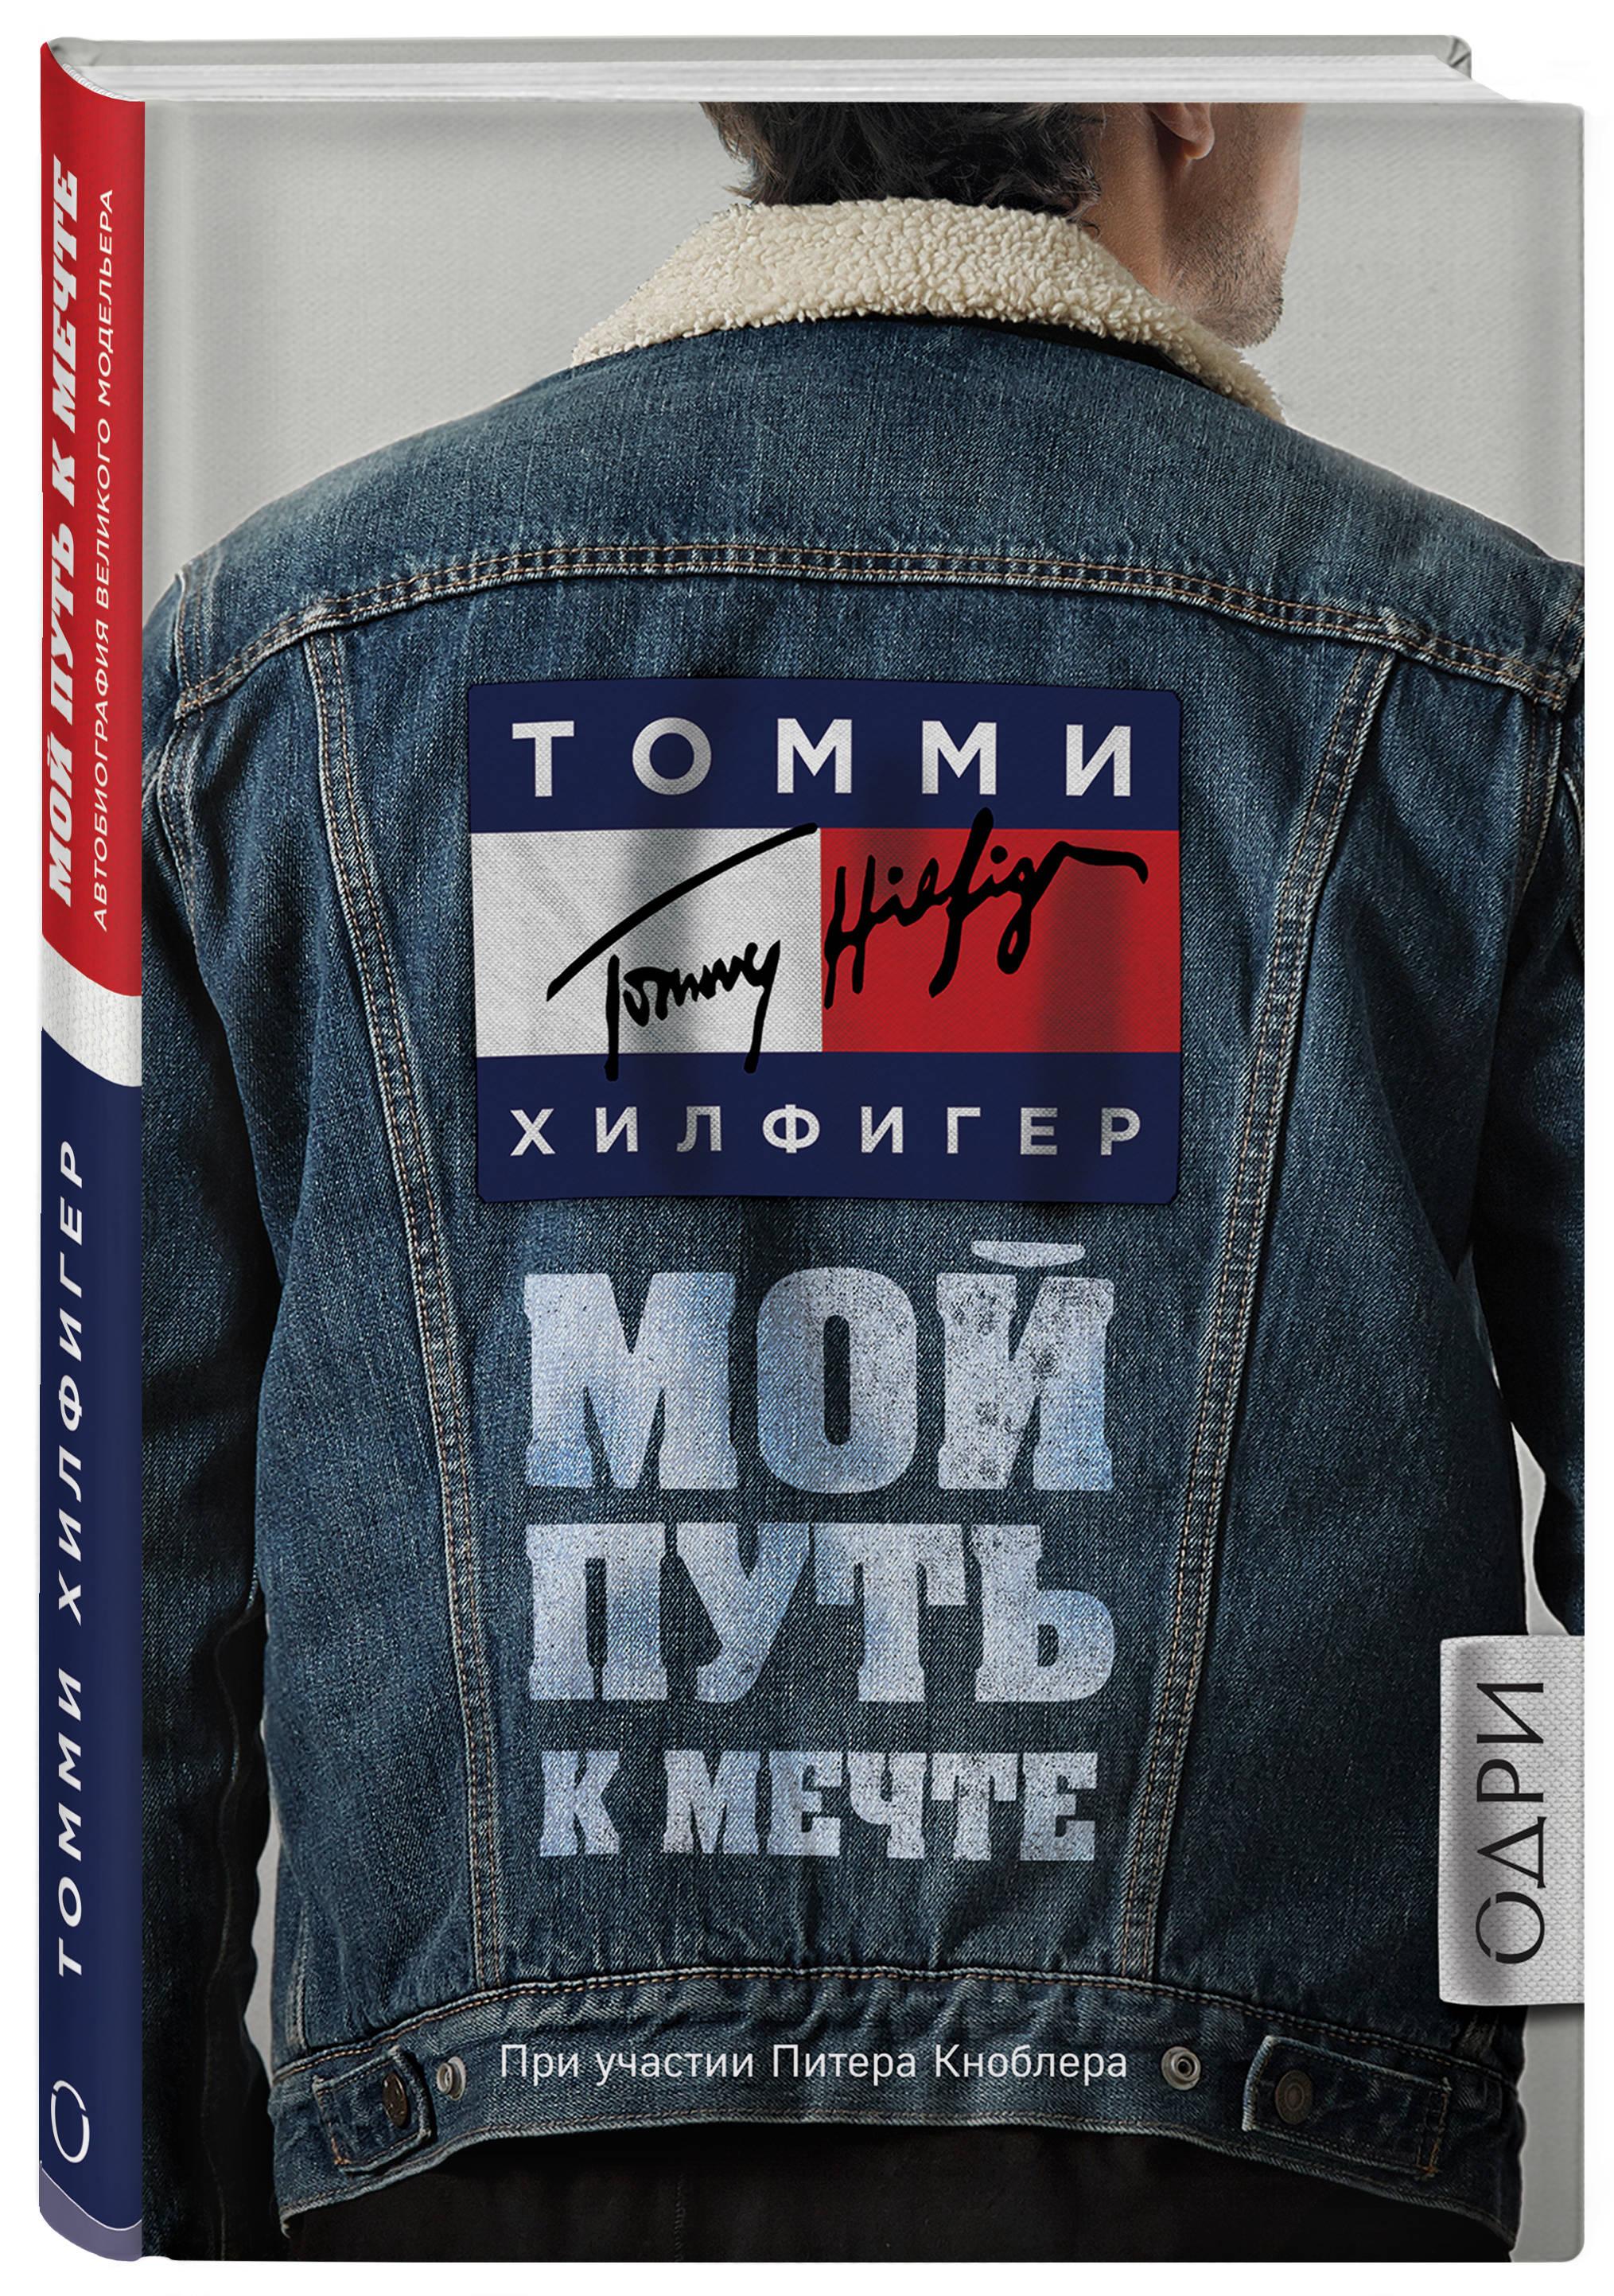 Томми Хилфигер Томми Хилфигер. Мой путь к мечте. Автобиография великого модельера футболка томми хилфигер женская